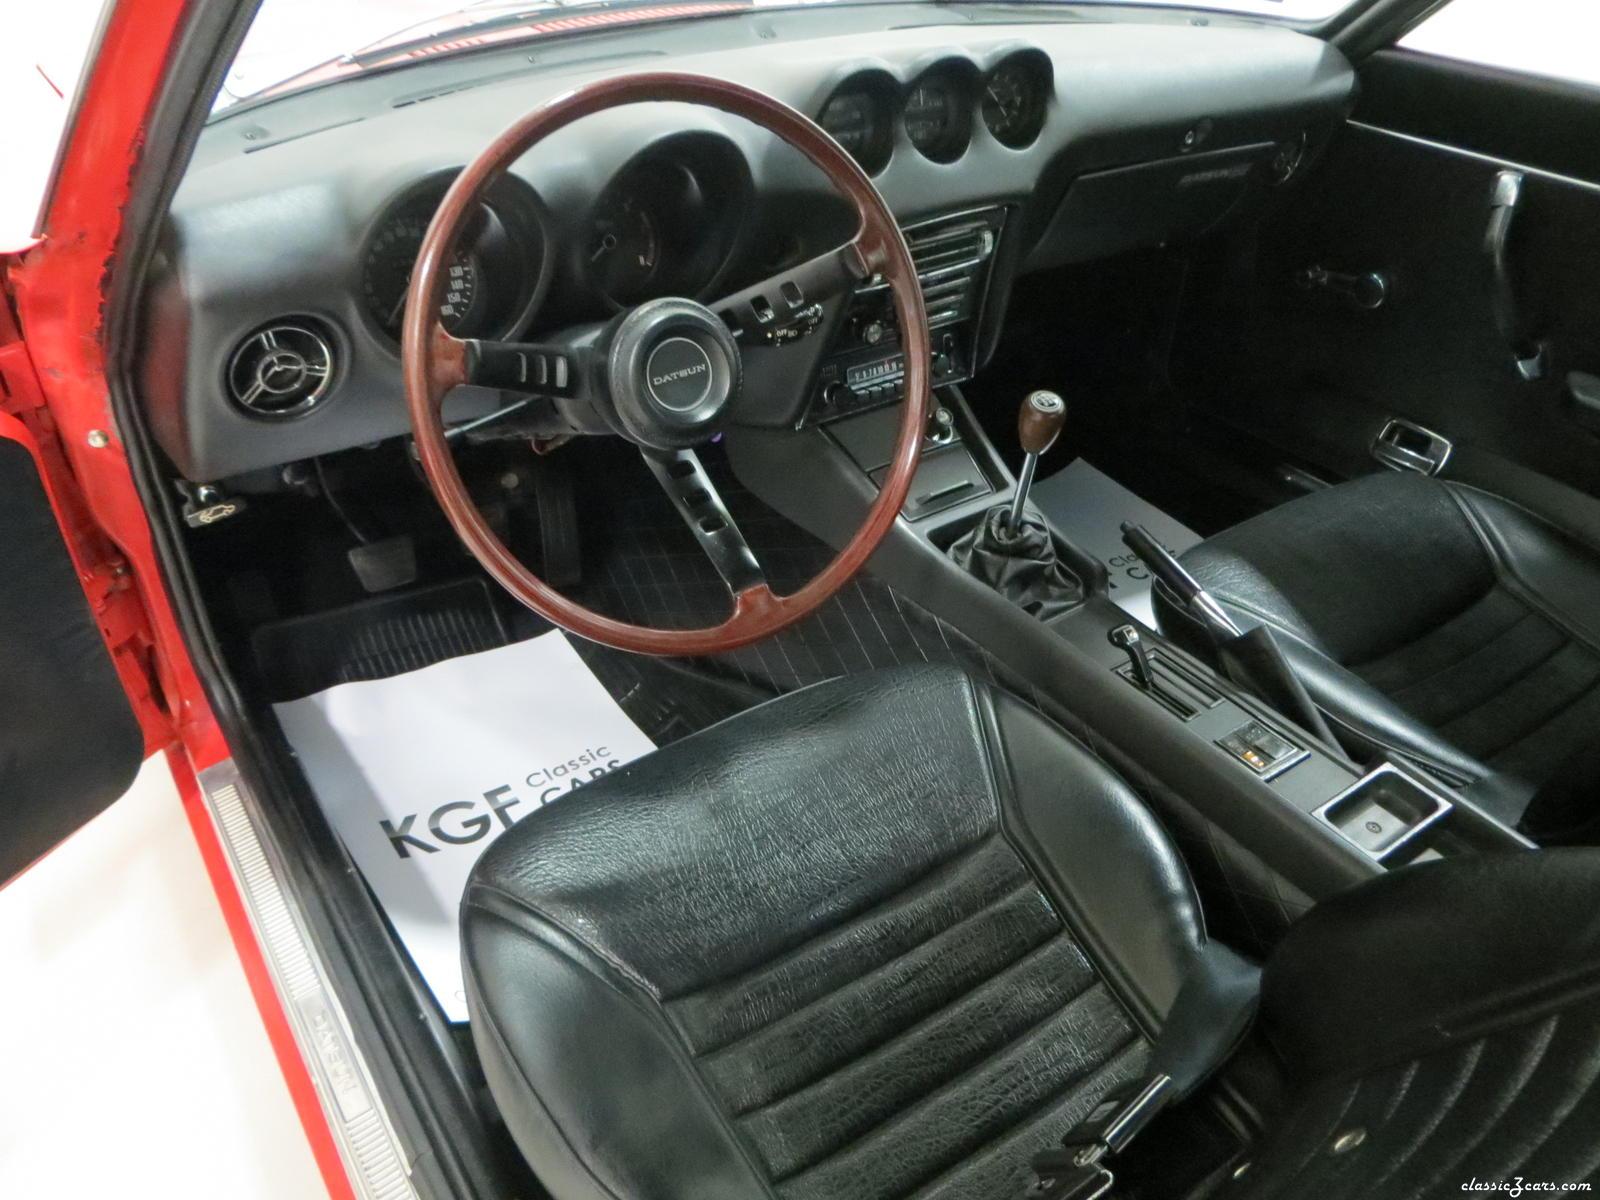 1971-datsun-240z_26461563489_o.jpg